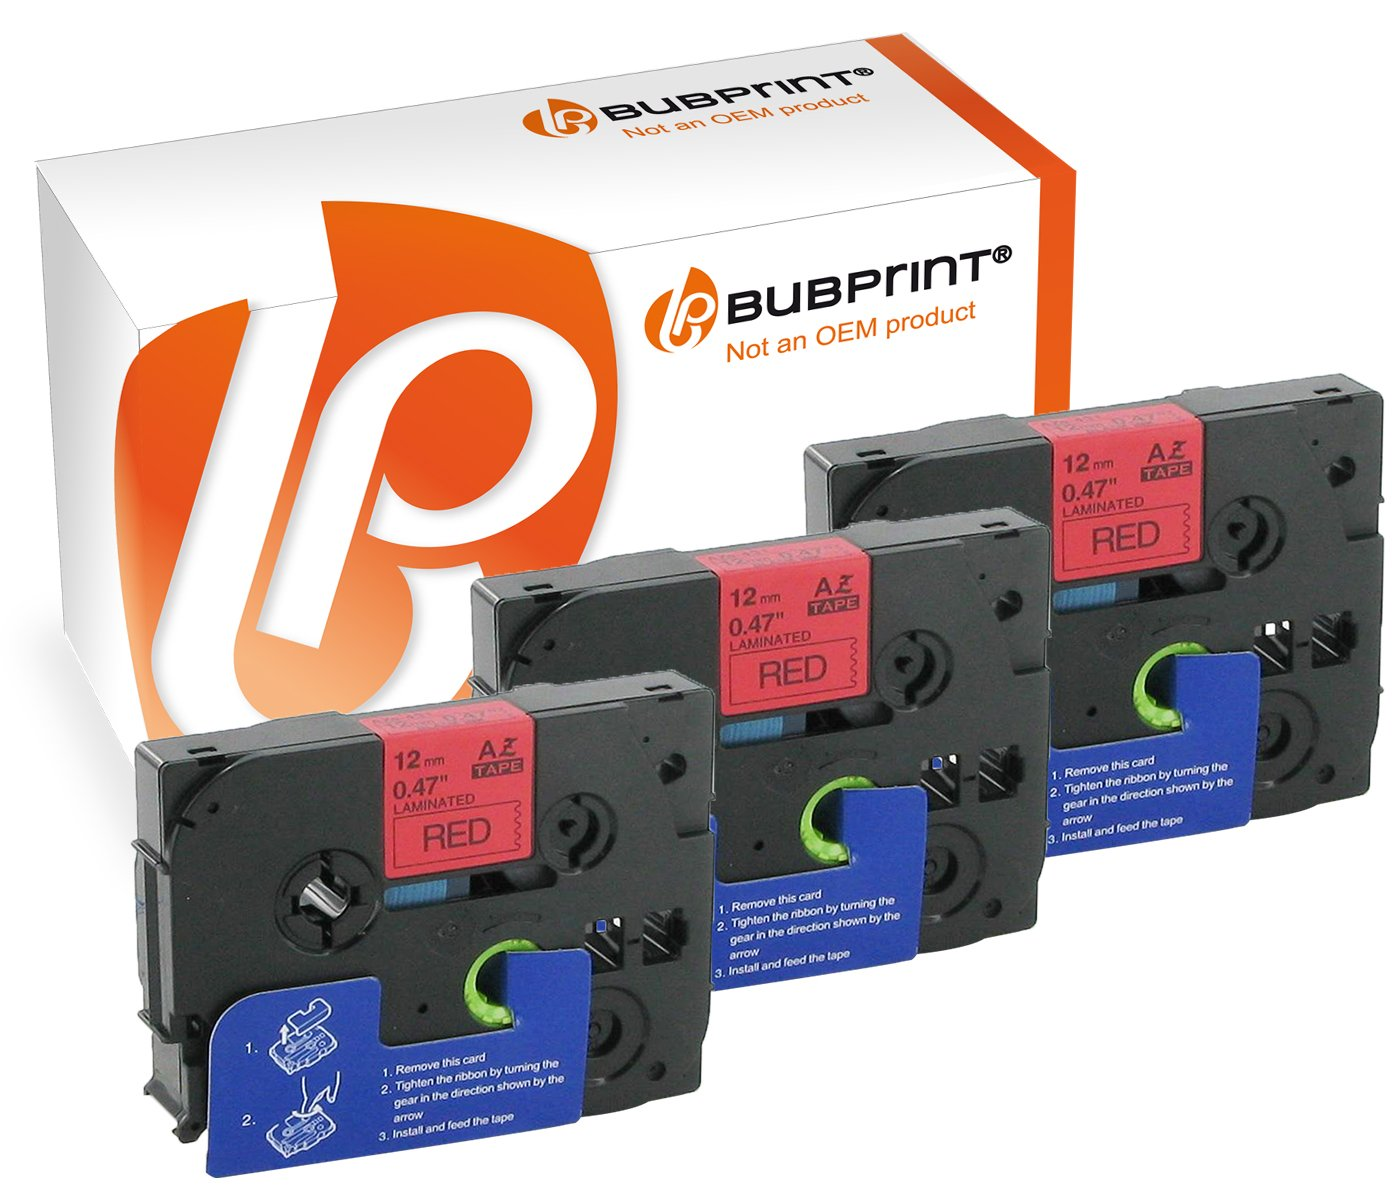 Bubprint 3 nastro a cassetta compatibile per Brother TZe-431 TZ-431 e P-Touch 1000 1005 1010 1080 1090 PT-P900W H75 H105 H500 D210 GL200 nero su rosso